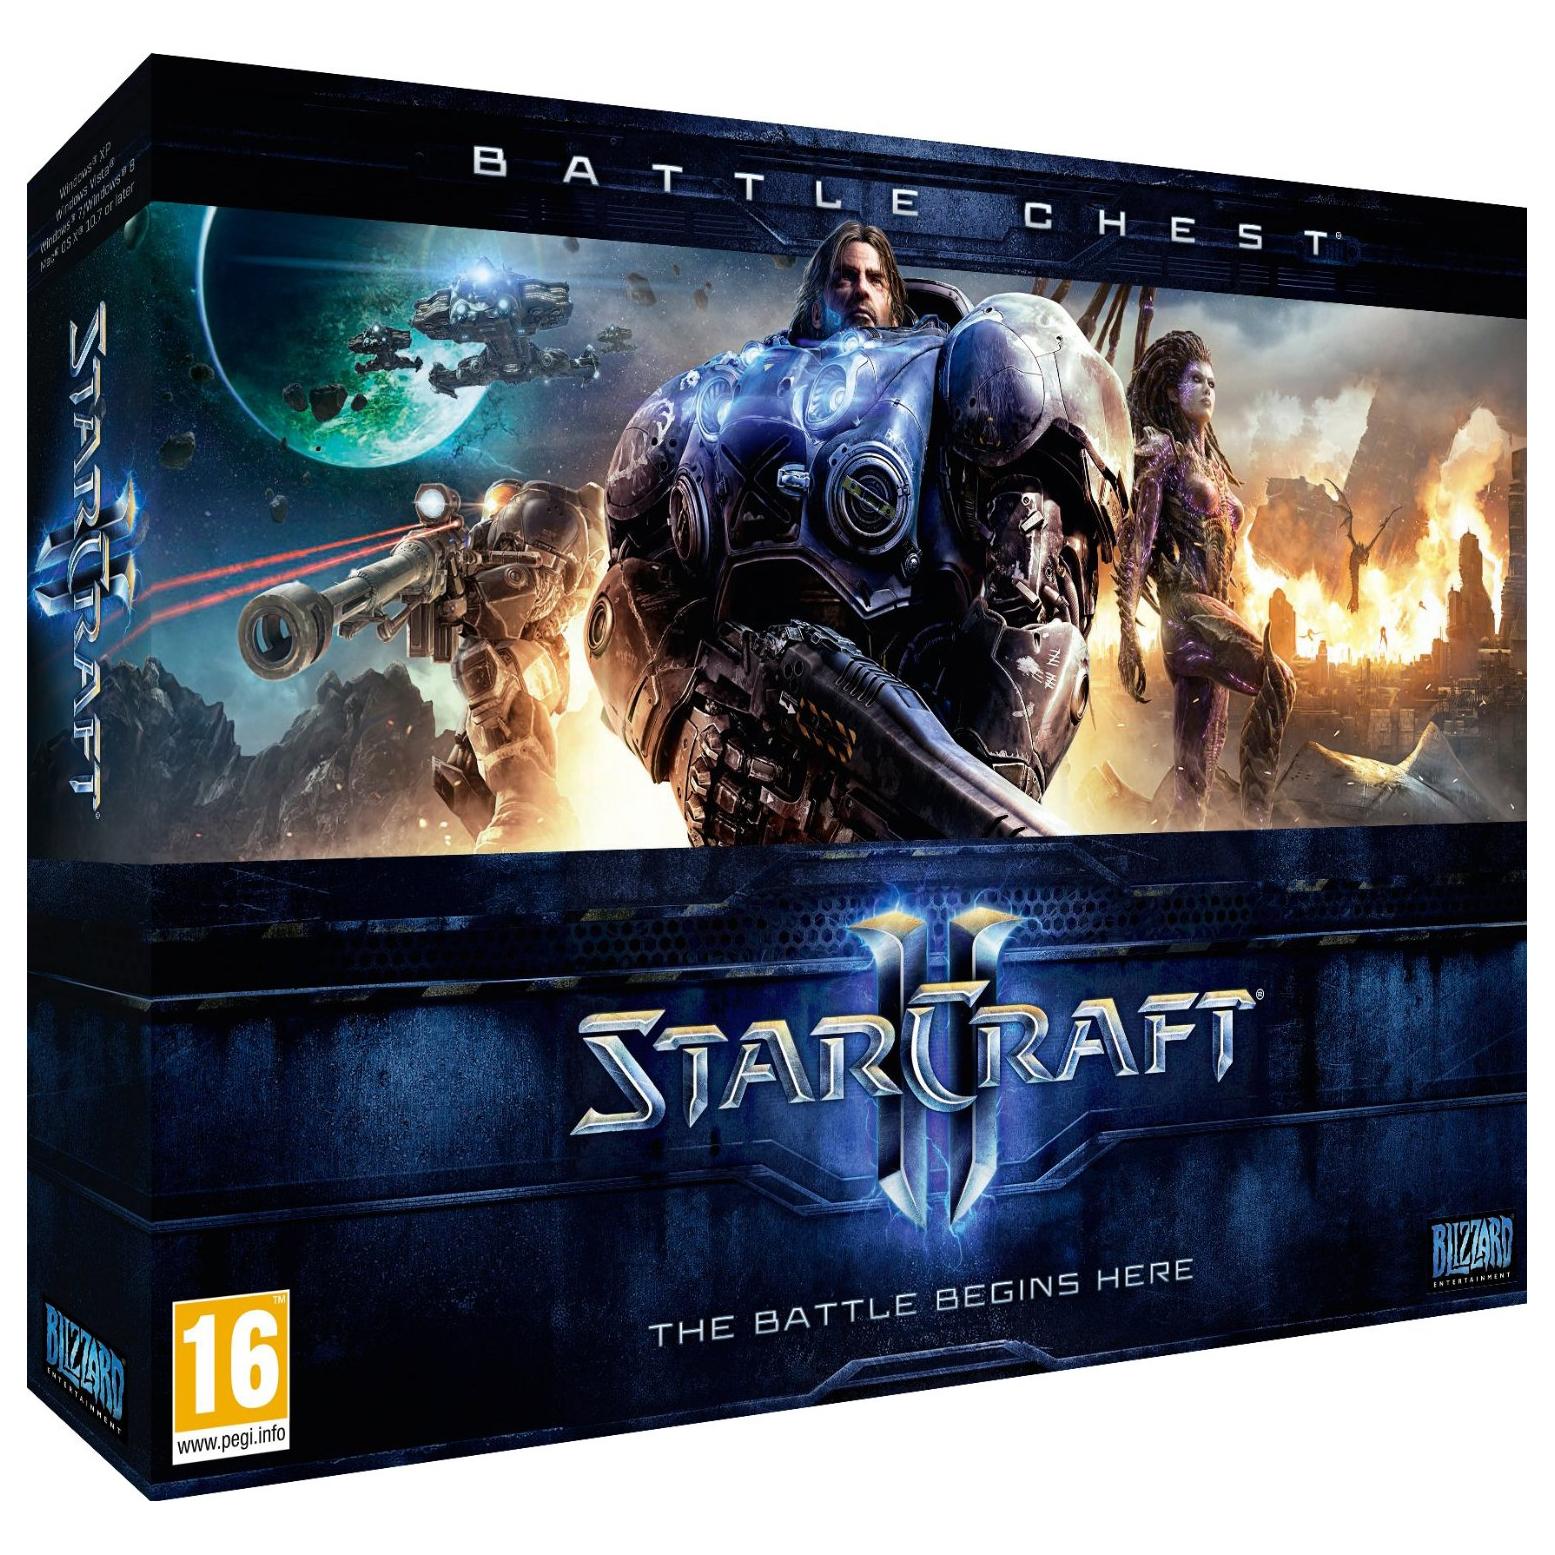 Joc Starcraft II: Battlechest pentru PC 0